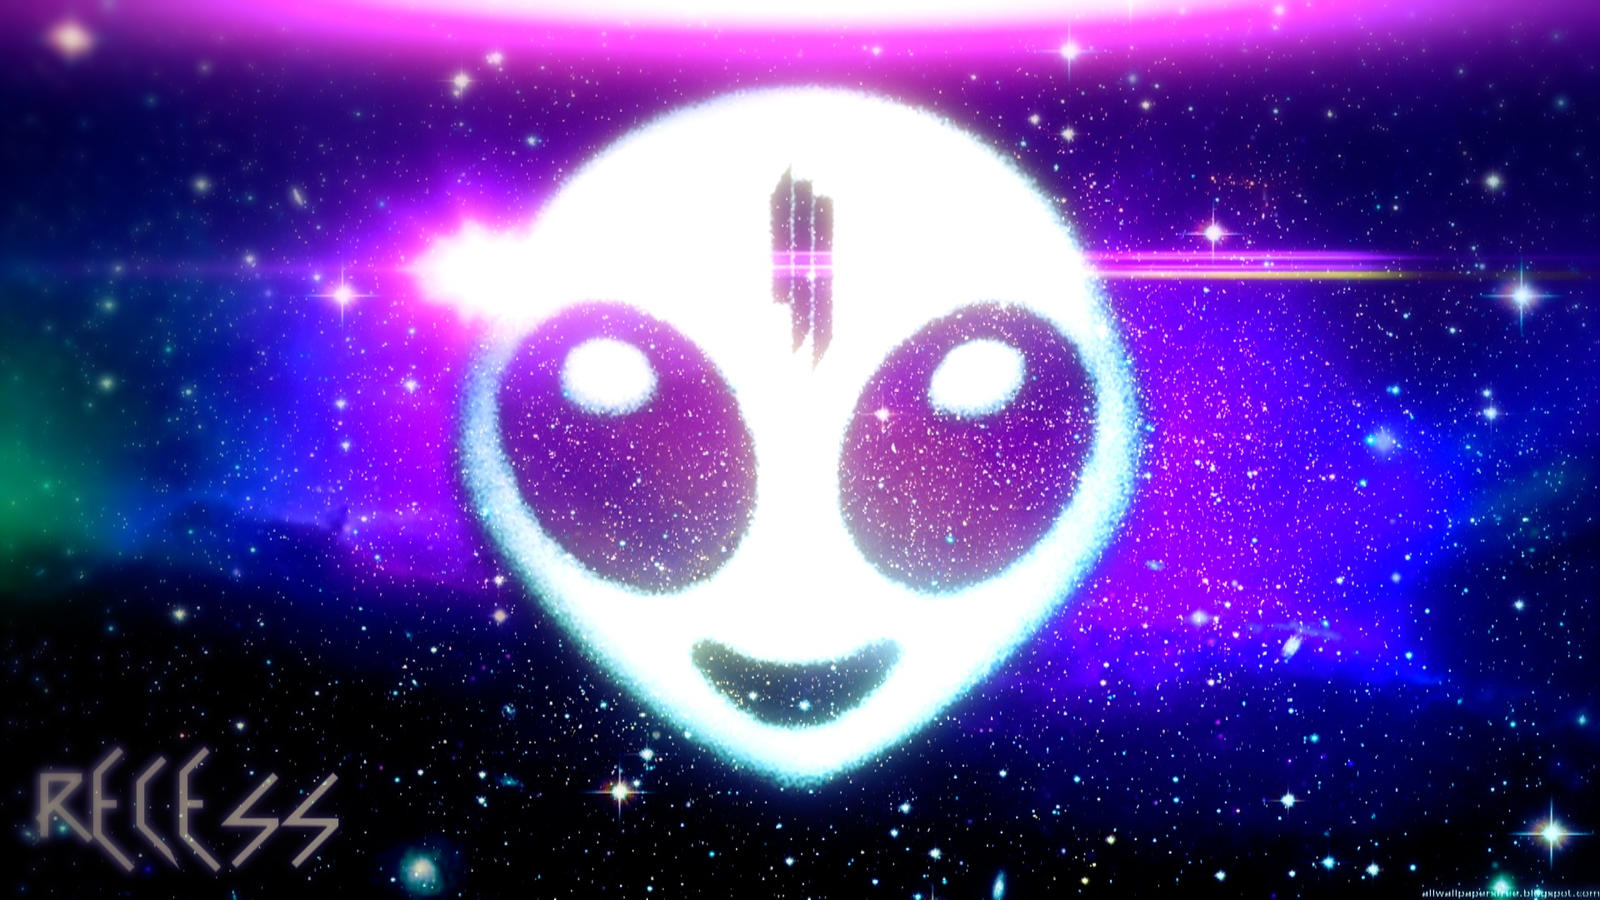 Skrillex - Recess Wallpaper HD by B0GGSY on DeviantArt